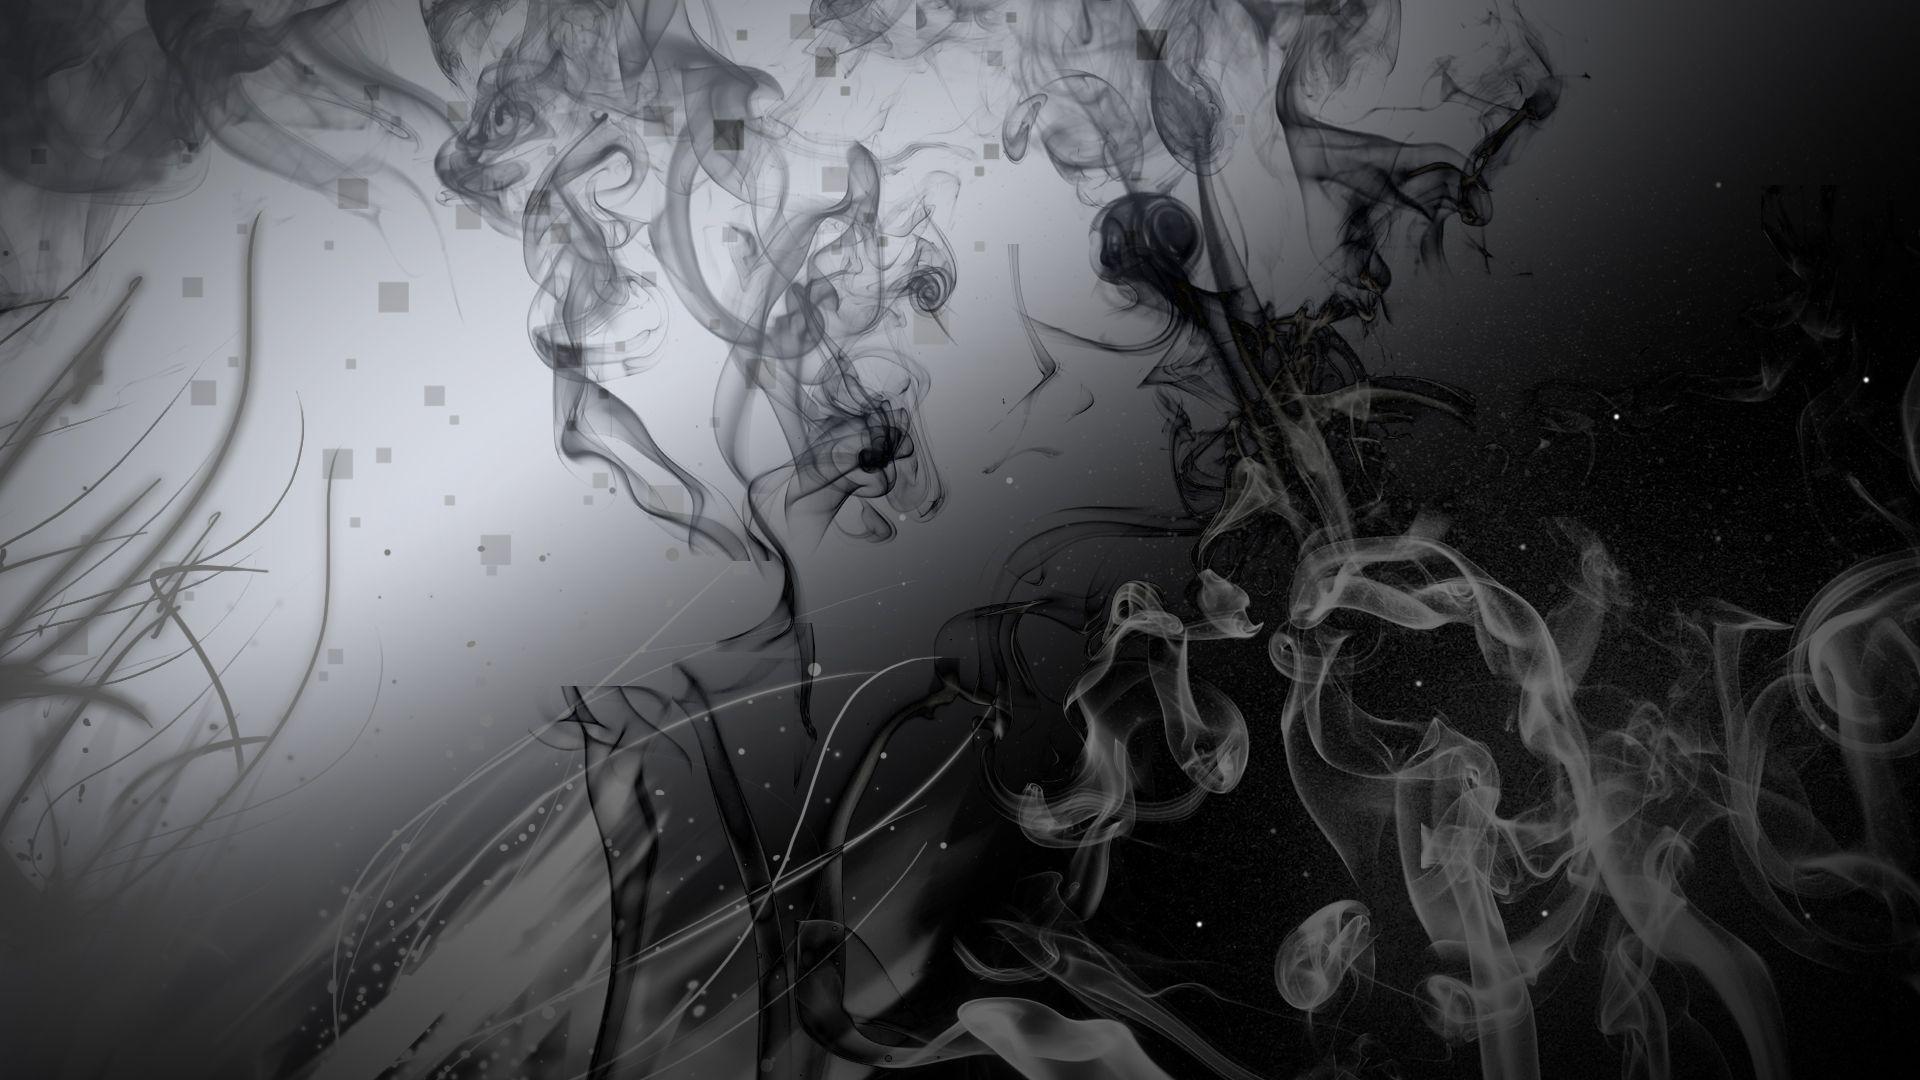 download wallpaper 1920x1080 smoke - photo #35